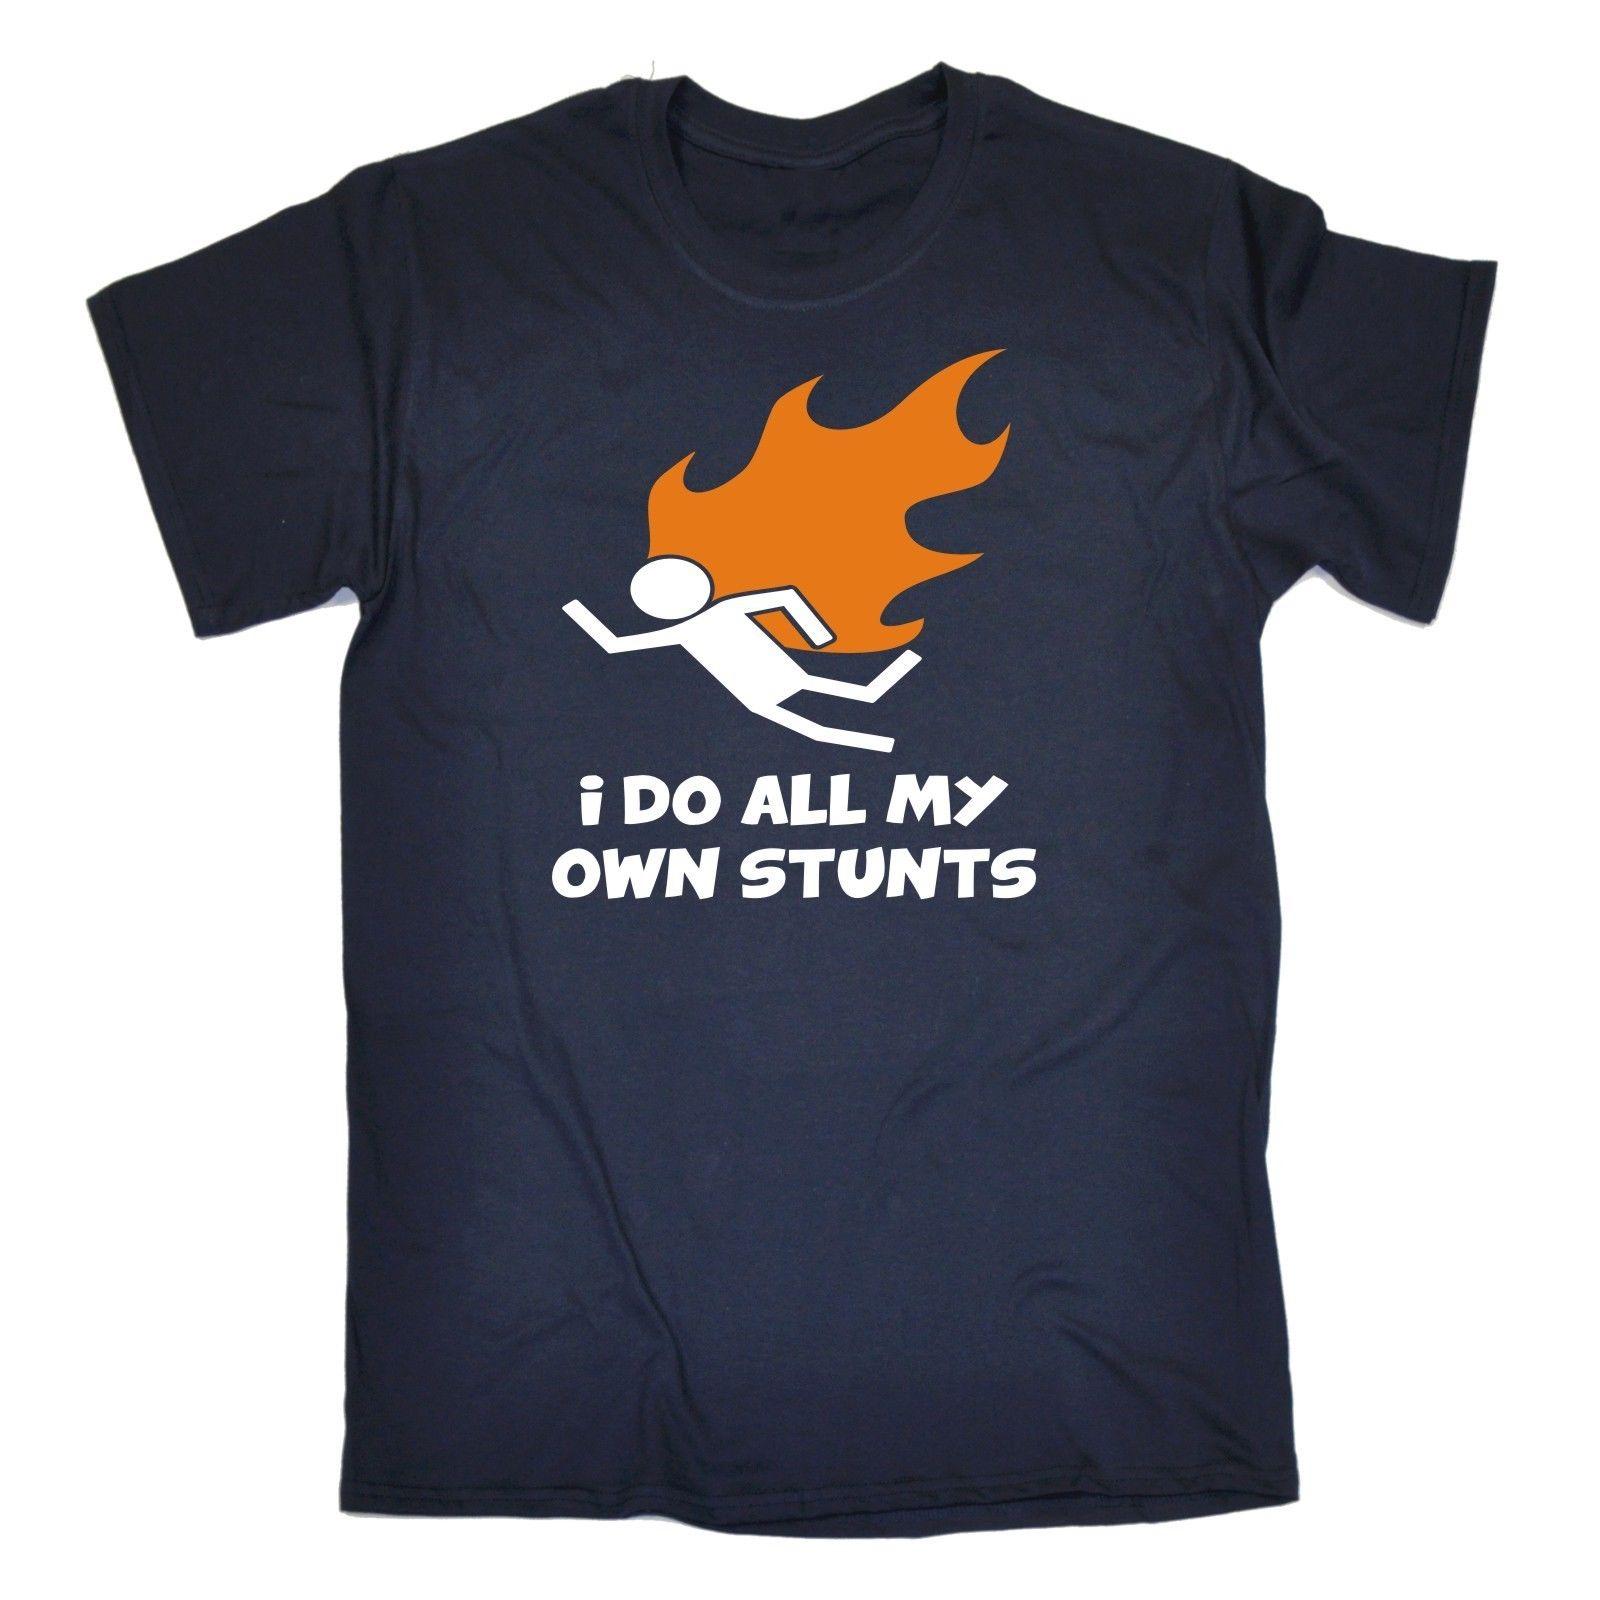 Я делаю все мои собственные трюки пламени футболка огонь каскадер смешной